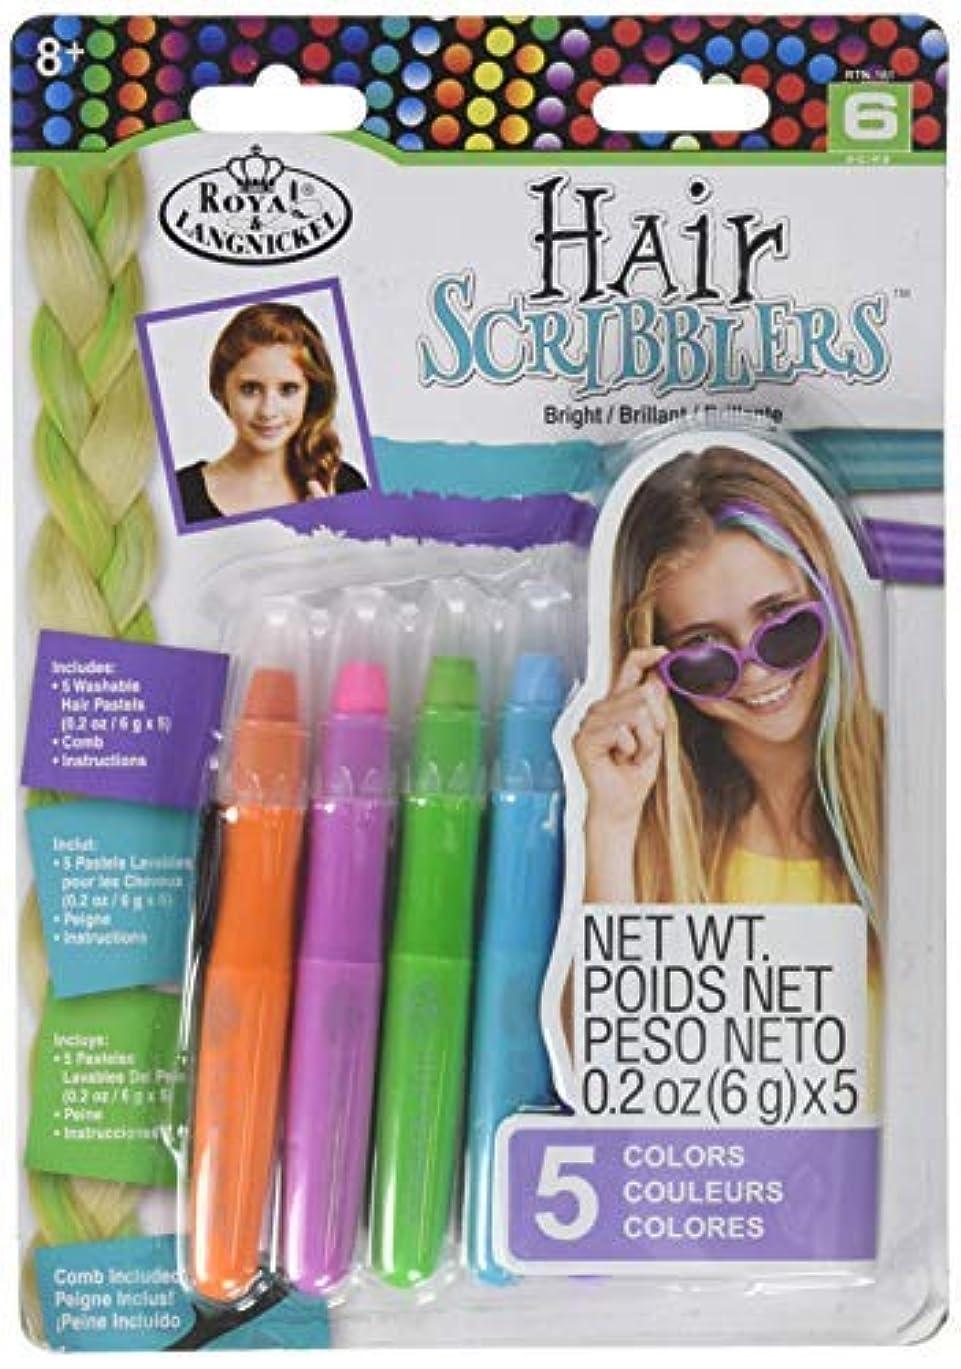 部屋を掃除する強調する急勾配のRoyal RTN-161 Hair Scribblers 1 Comb 5pc [並行輸入品]